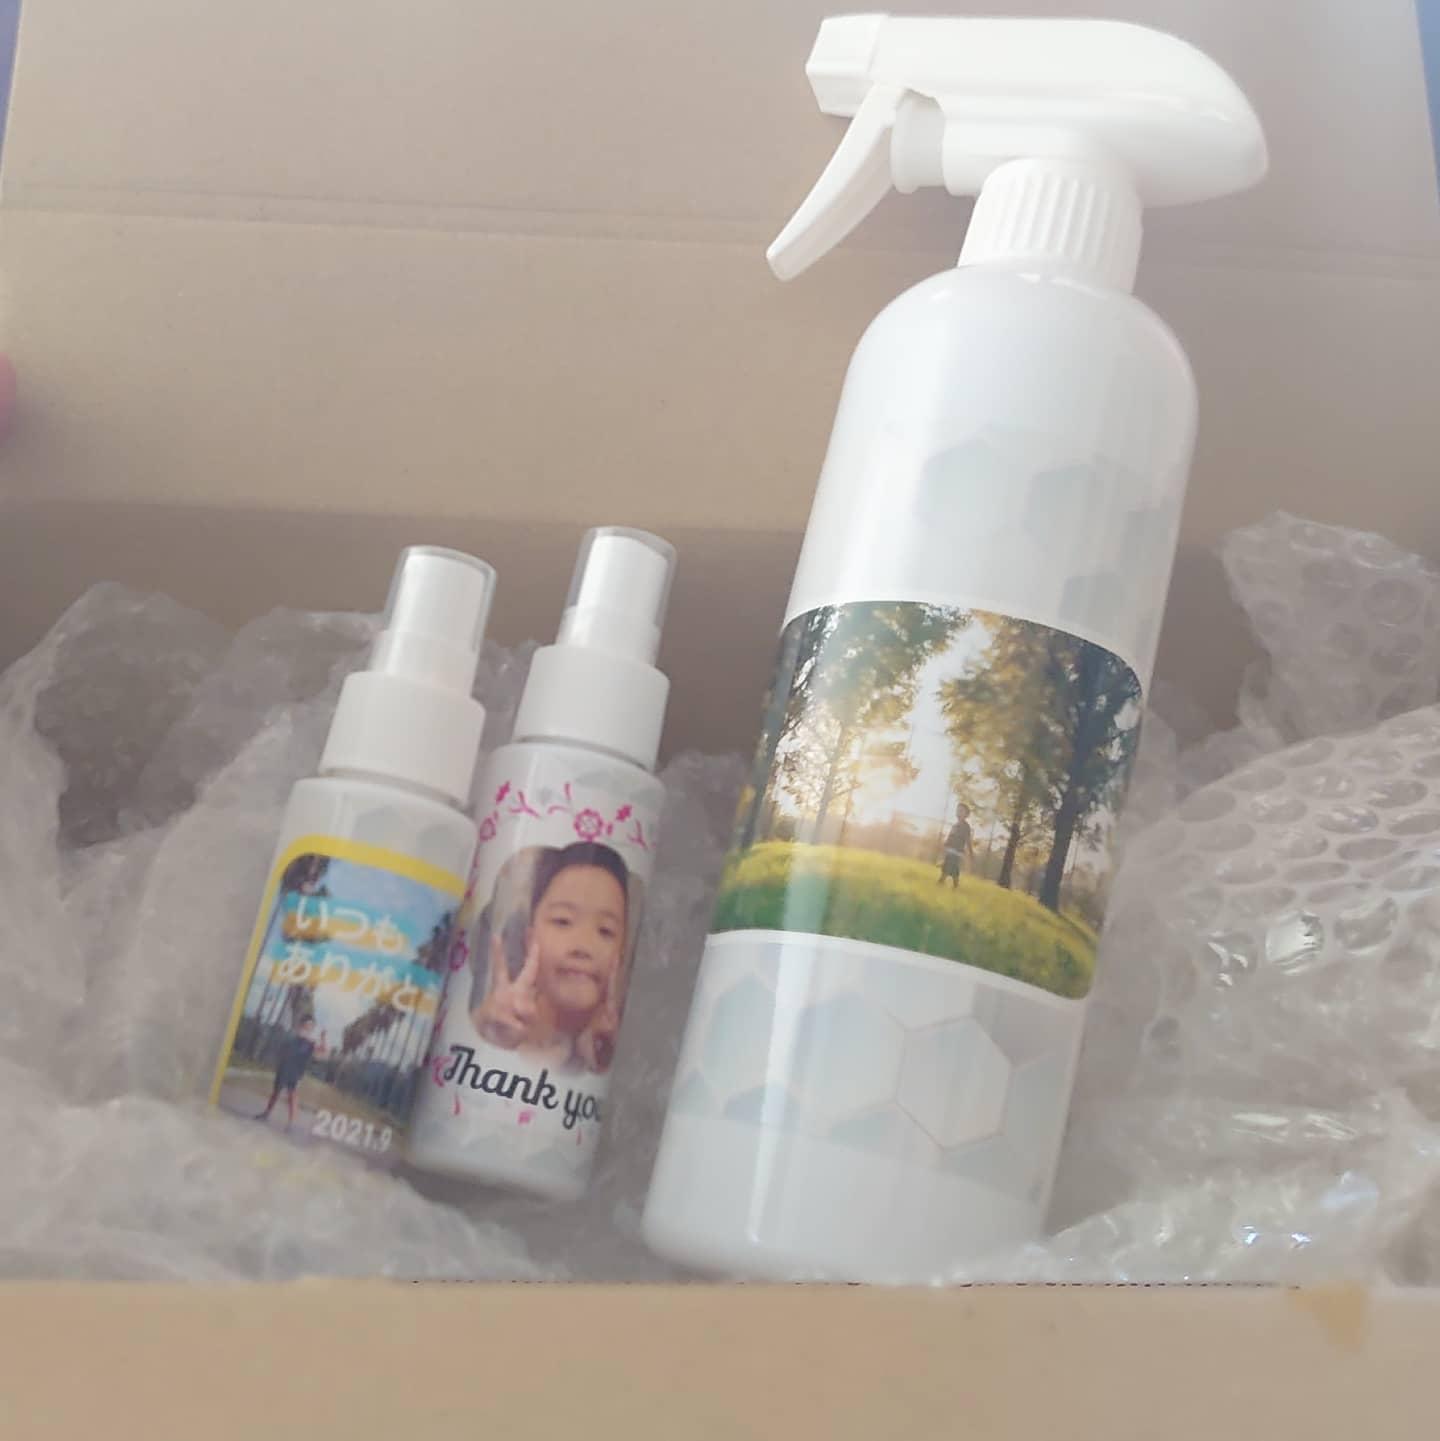 口コミ投稿:祖父母にプレゼントする除菌剤に、【みんなのシール】を貼ってたけるオリジナル消毒…